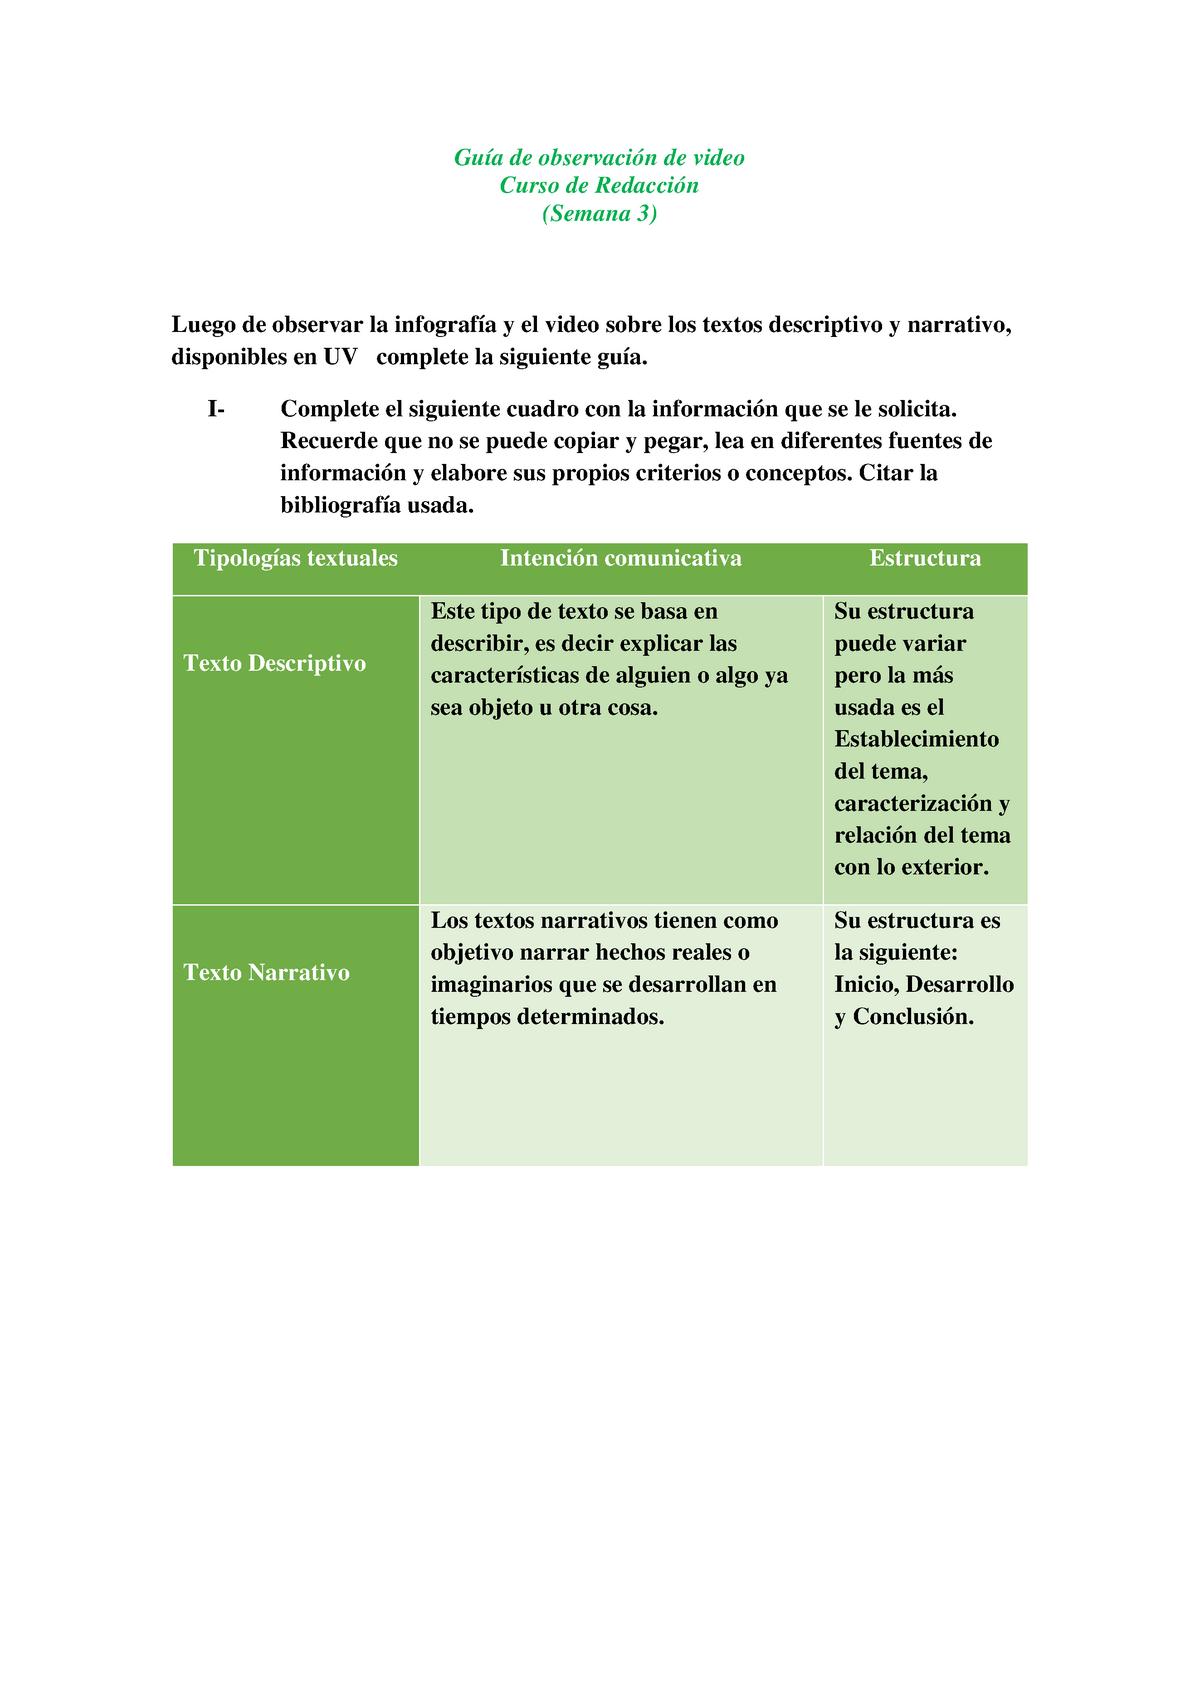 Textos Narrativos Y Descriptivos S3 Curso De Redaccion